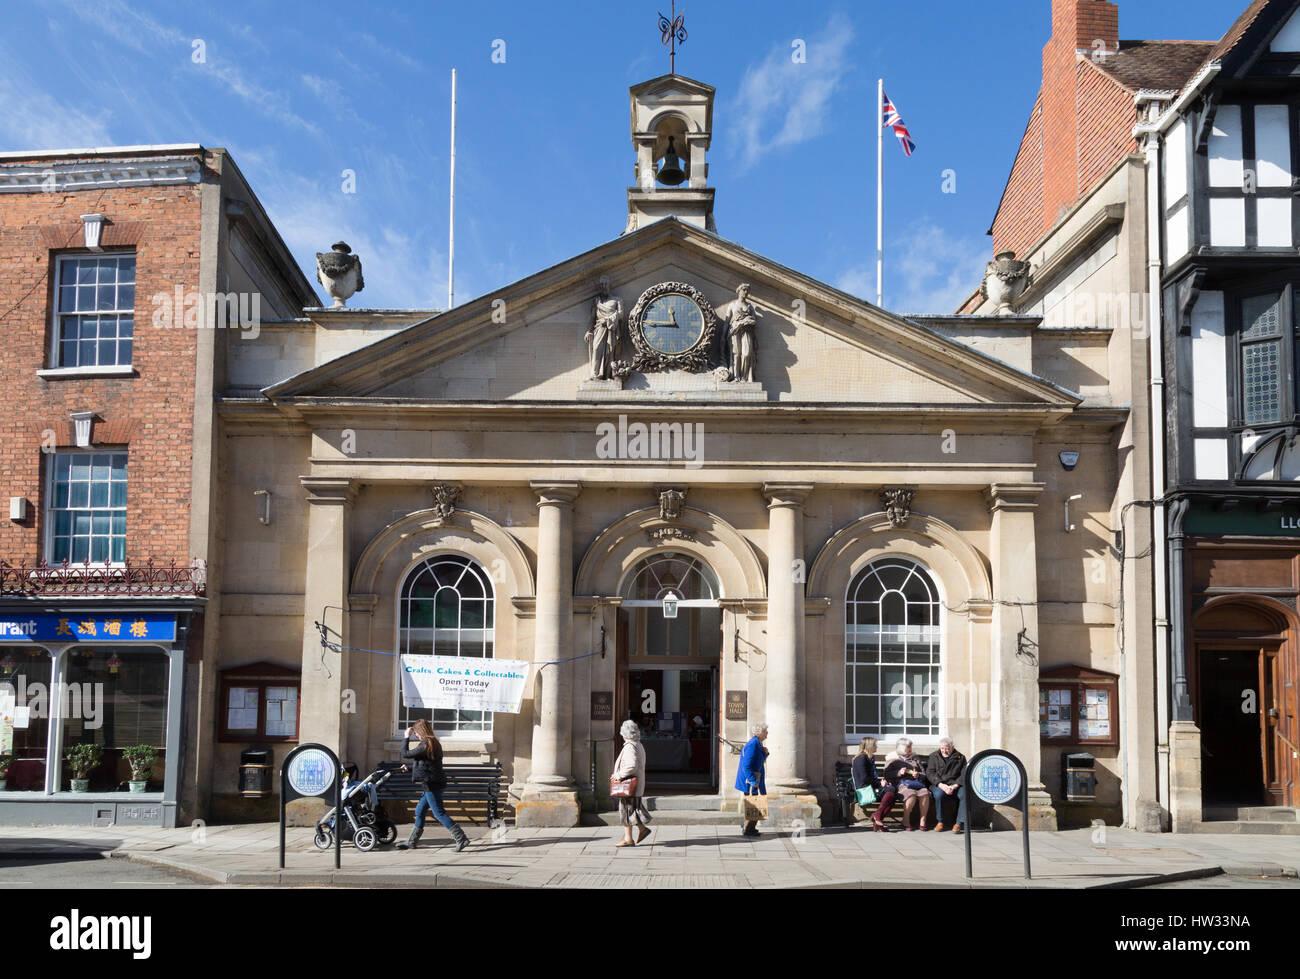 Tewkesbury Town Hall, Tewkesbury, Gloucestershire England UK - Stock Image